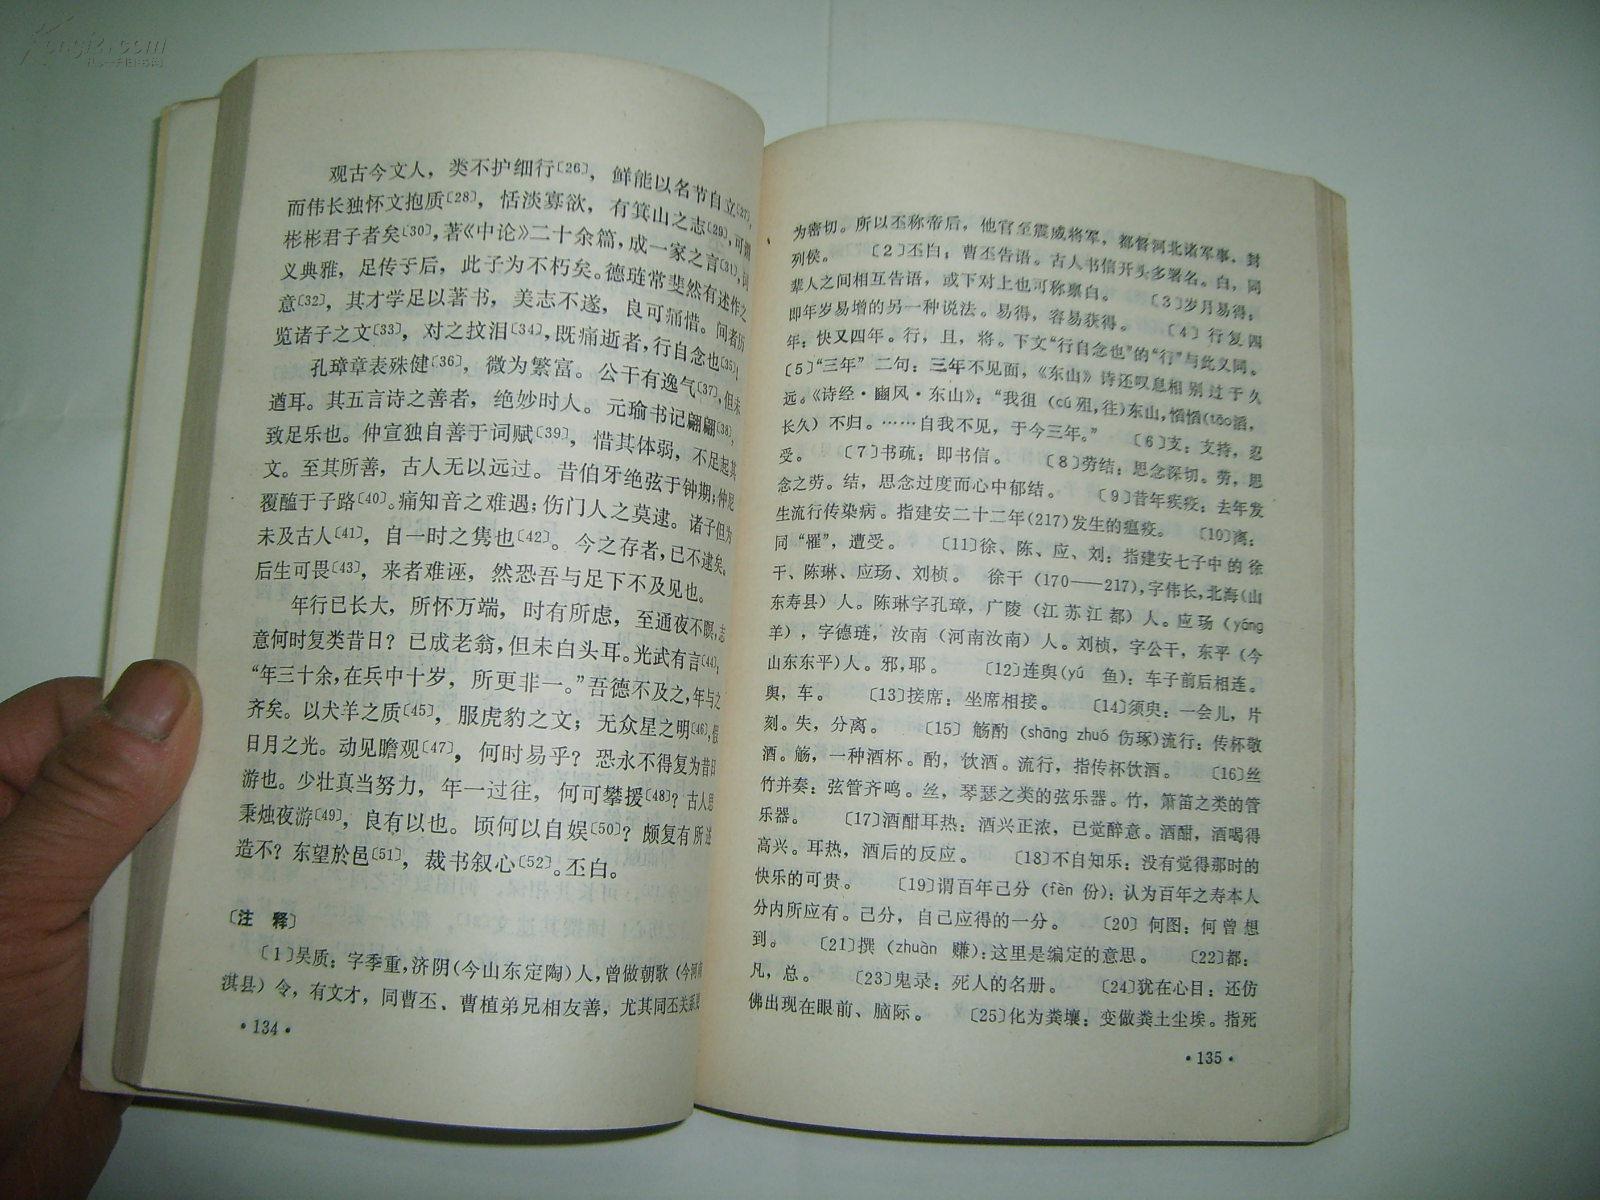 书信体格式分享展示图片